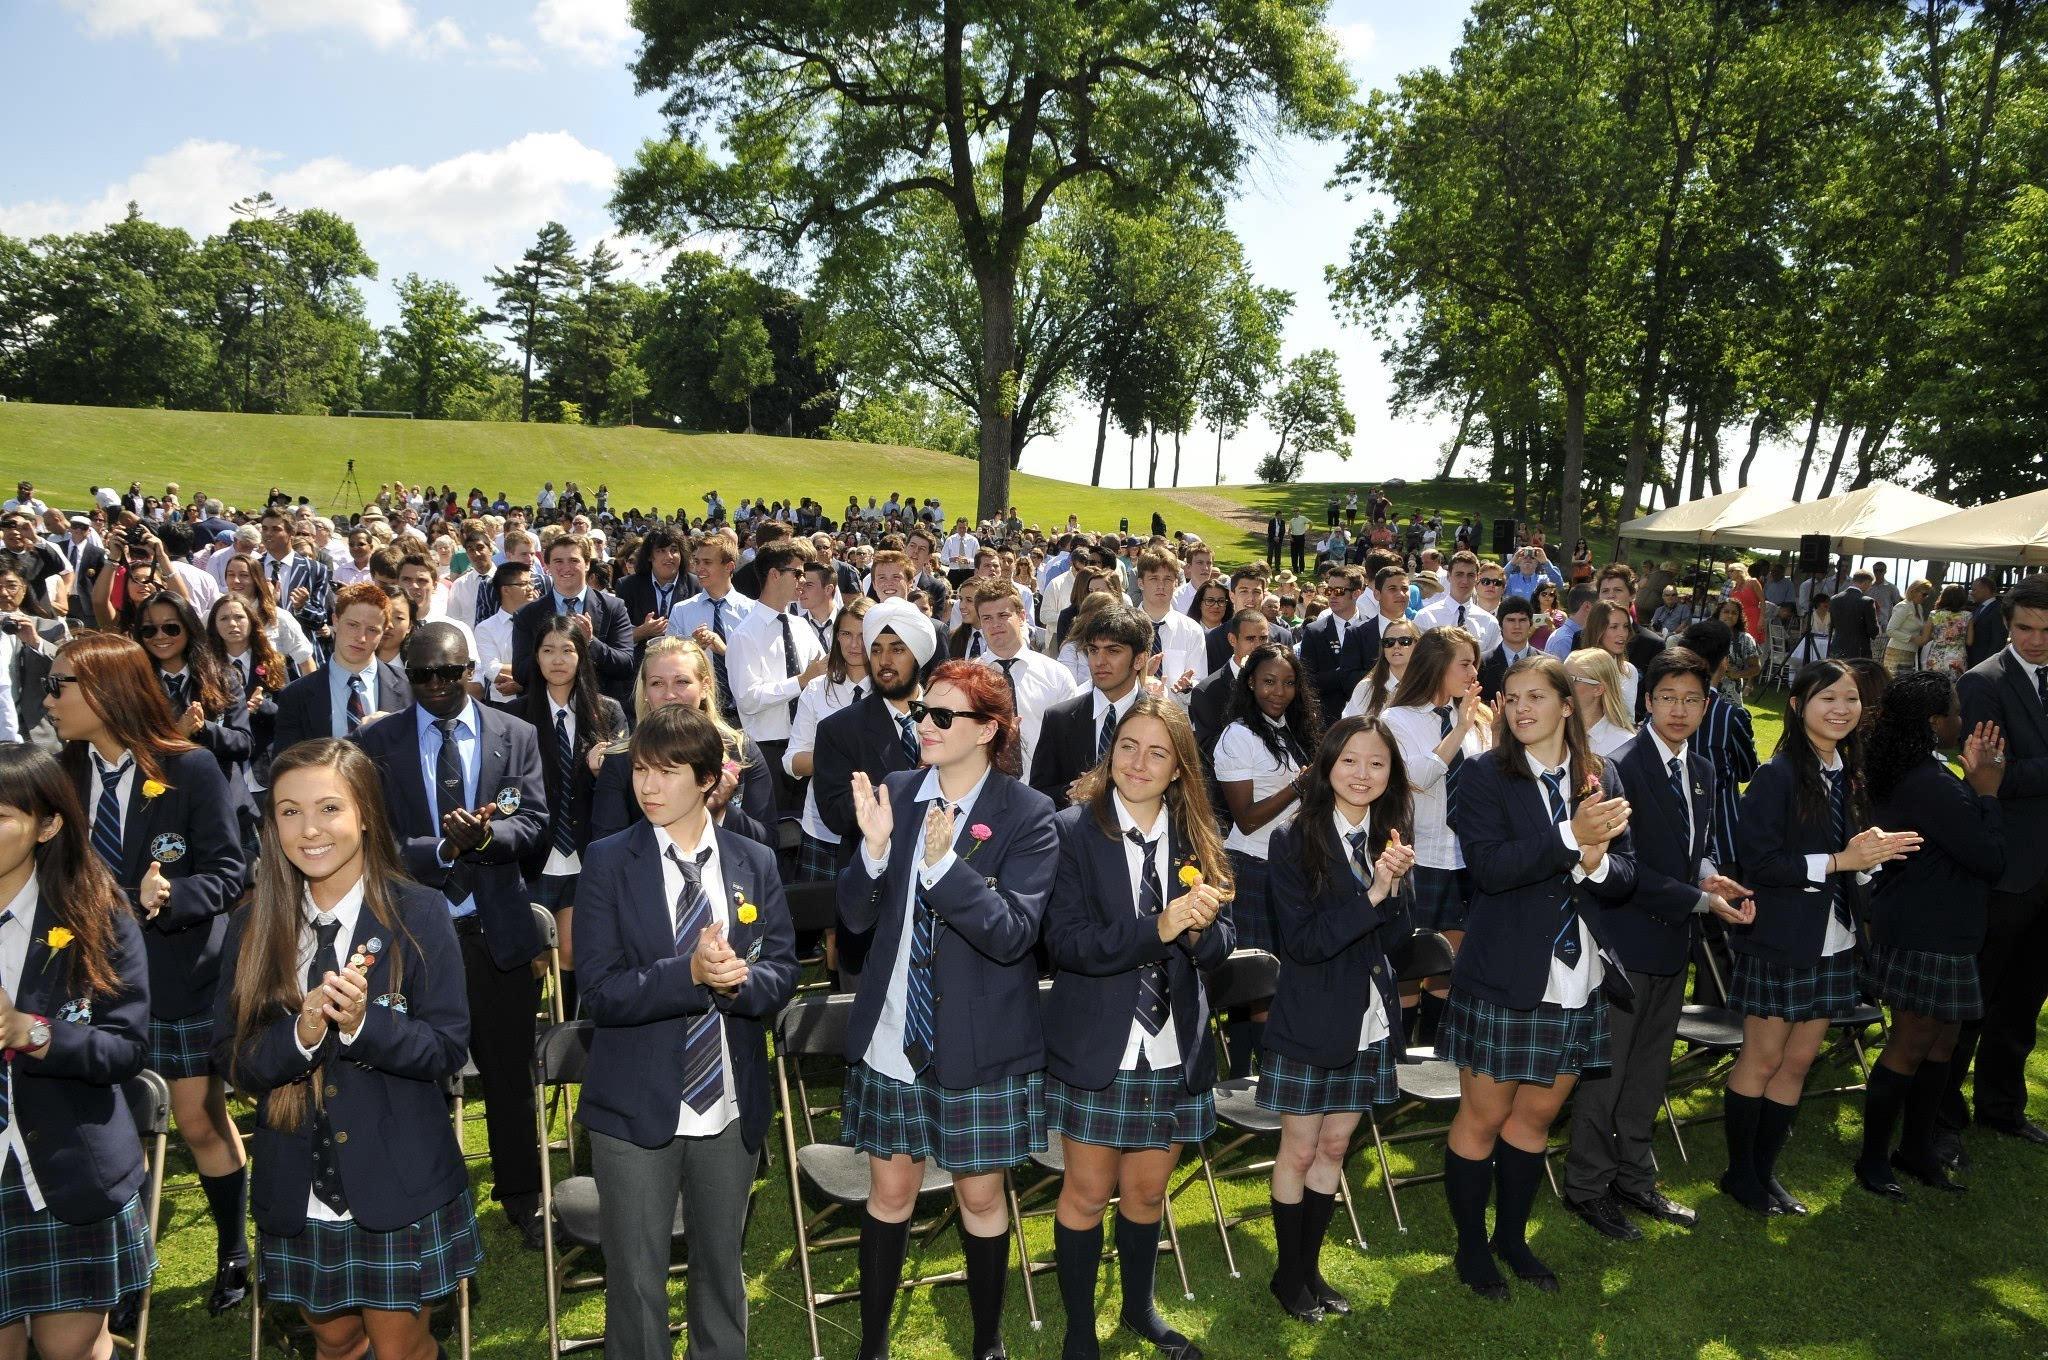 加拿大私校顶级贵族,全加排名第五-艾普比白色学院连裤袜好高中生吗穿图片